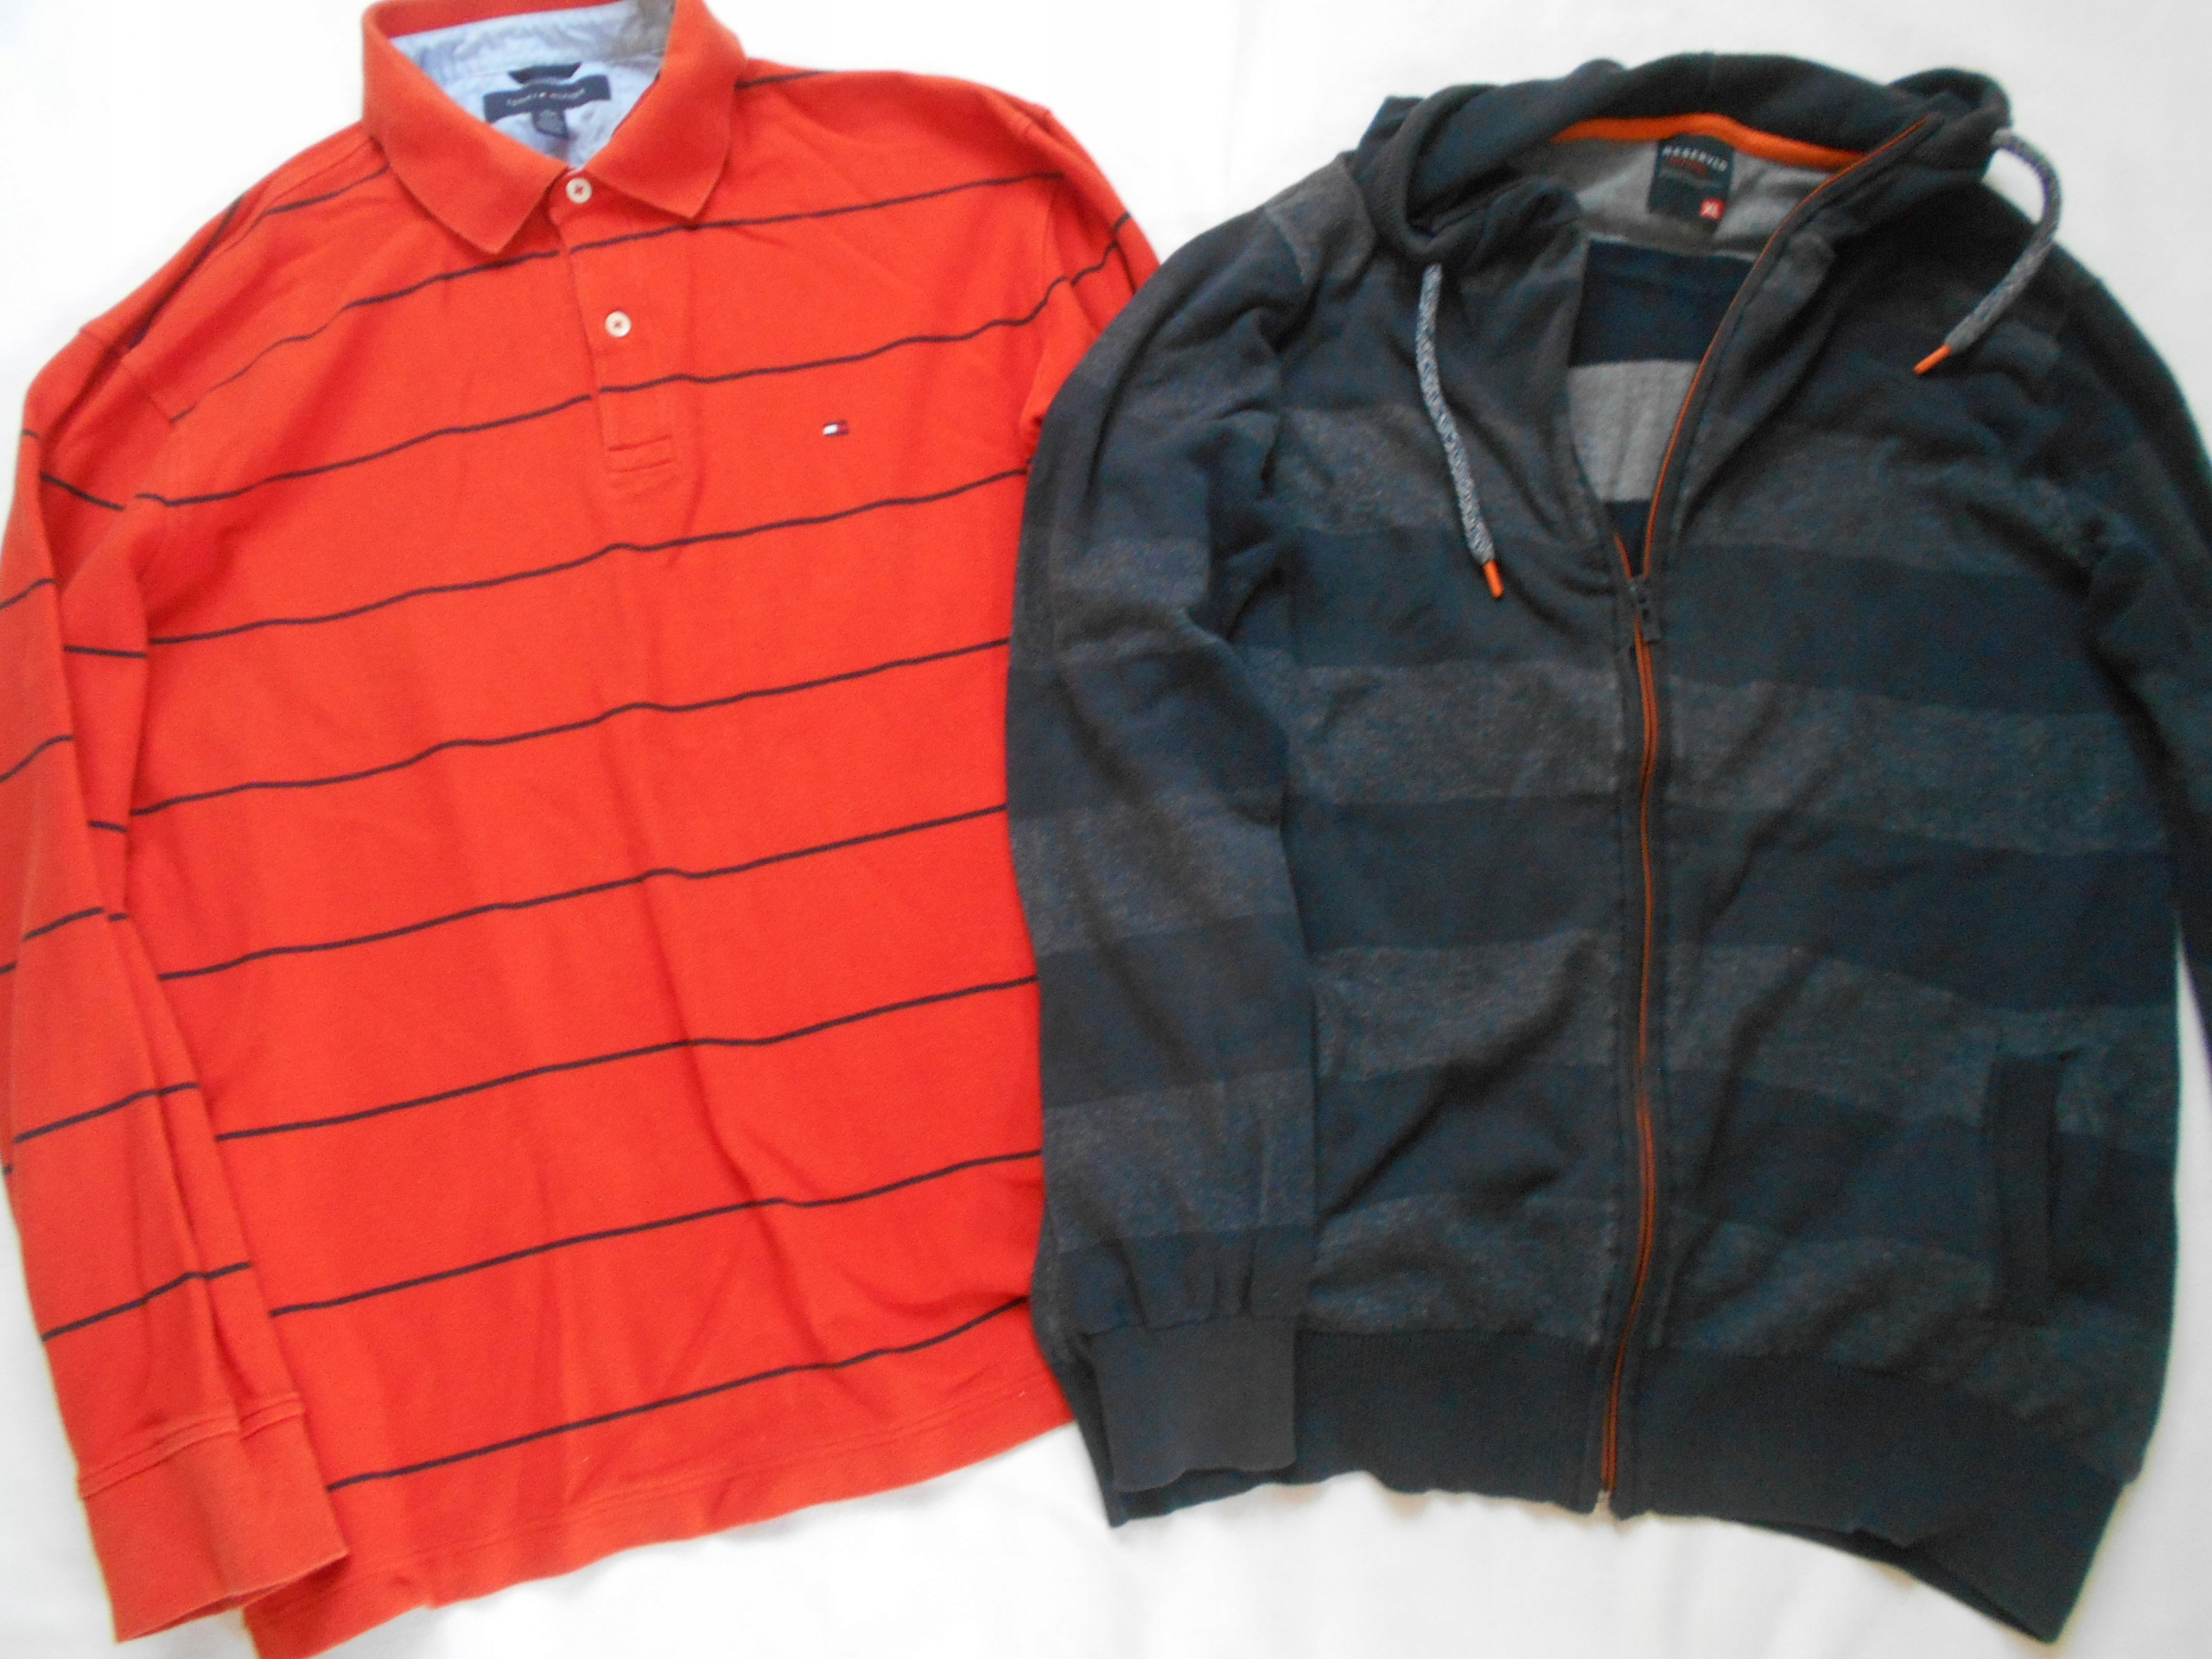 Zestaw męskich ubrań Tommy Hilfiger RE buty _XL